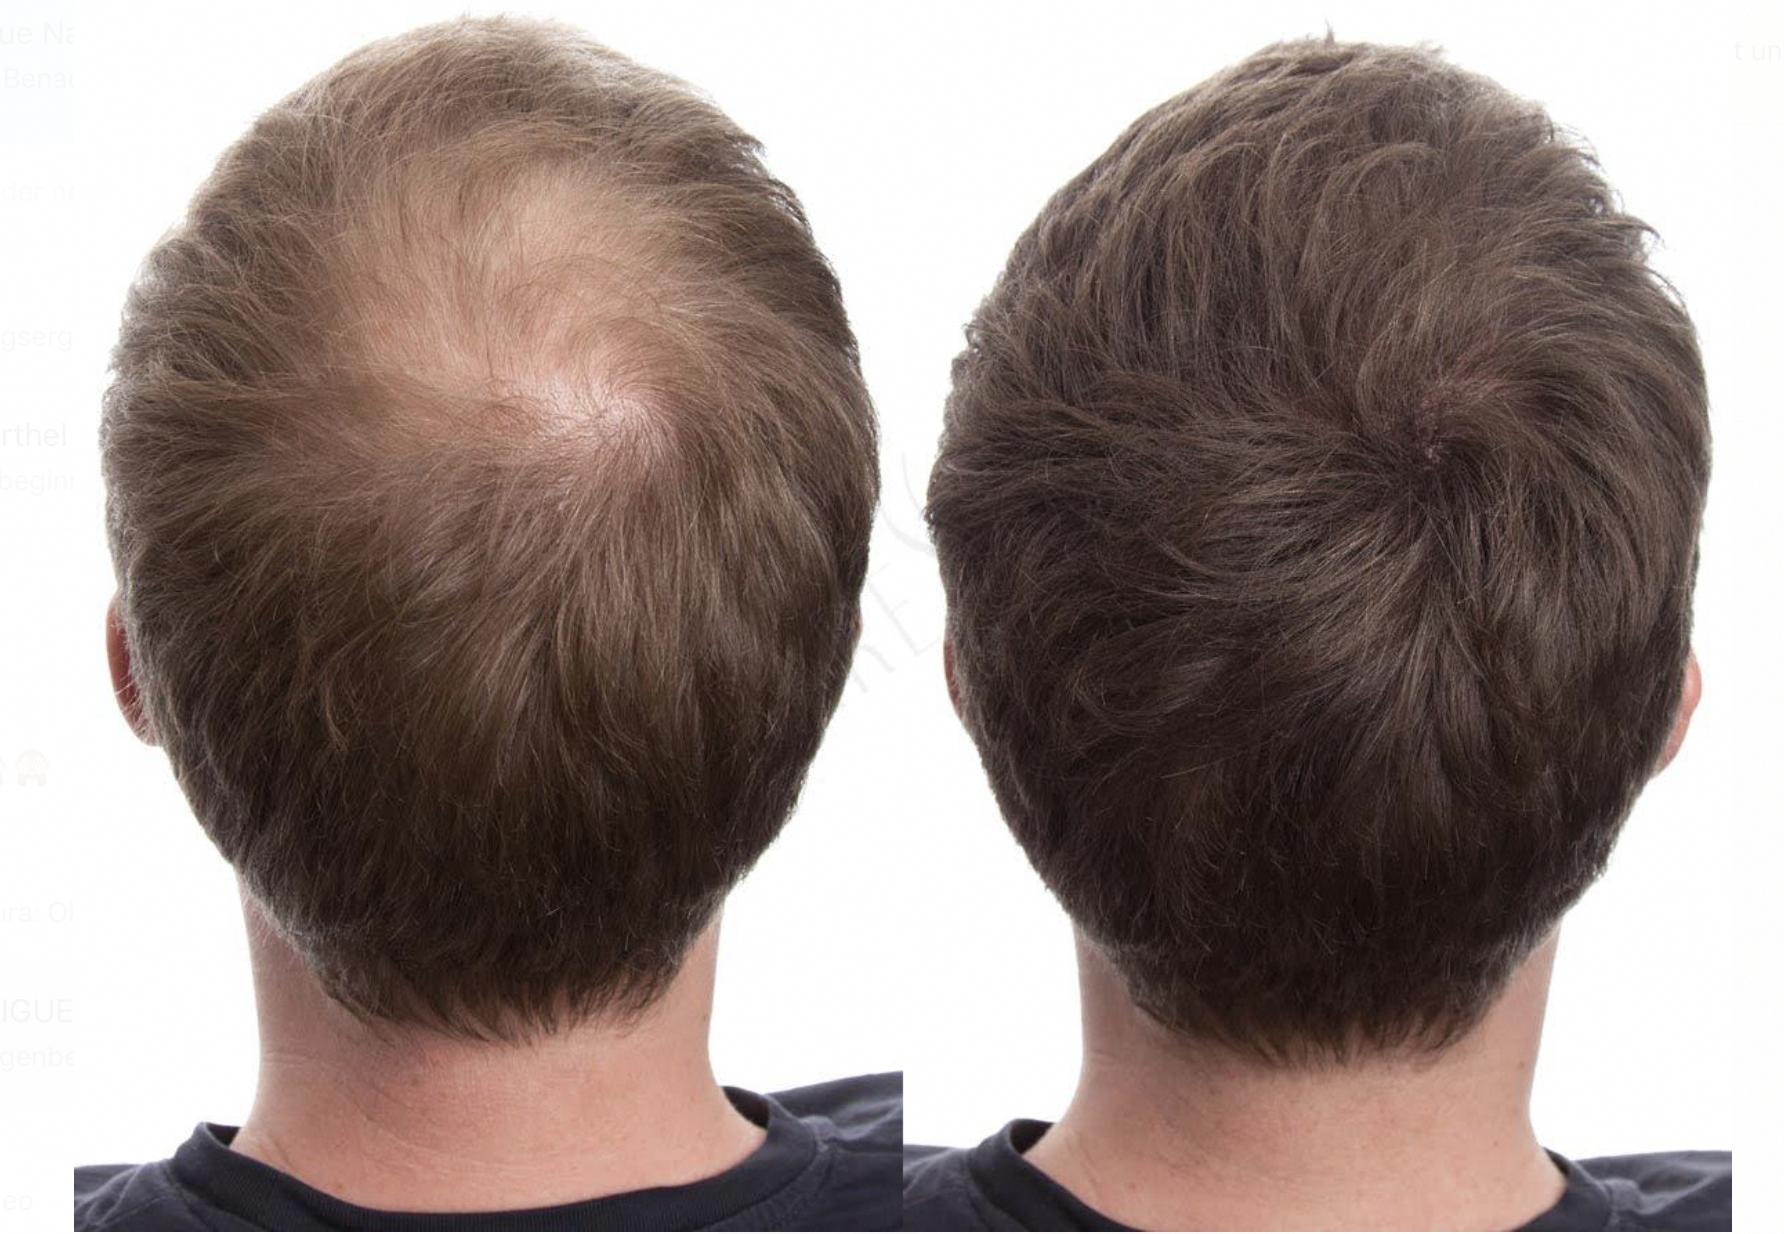 Nie Wieder Haarprobleme Dich Nervt Es Standig Kahle Stellen Am Kopf Zu Entdecken Dann Haben Wir Das Richtige Thick Hair Remedies Hair Fibers Hair Loss Bald